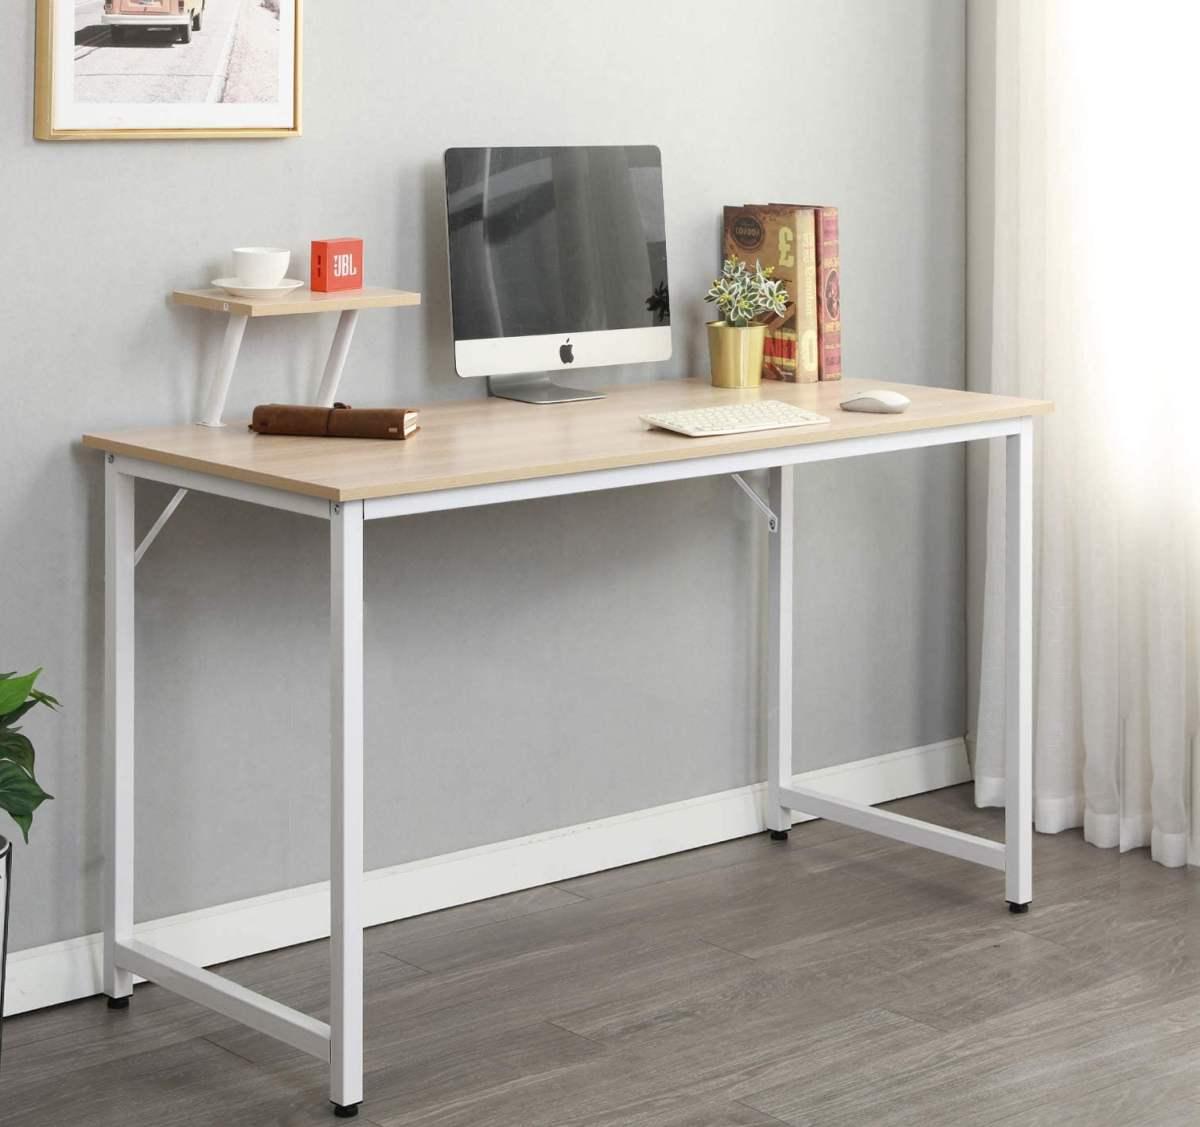 scrivania-pc-moderna-piano-legno-gambe-metallo